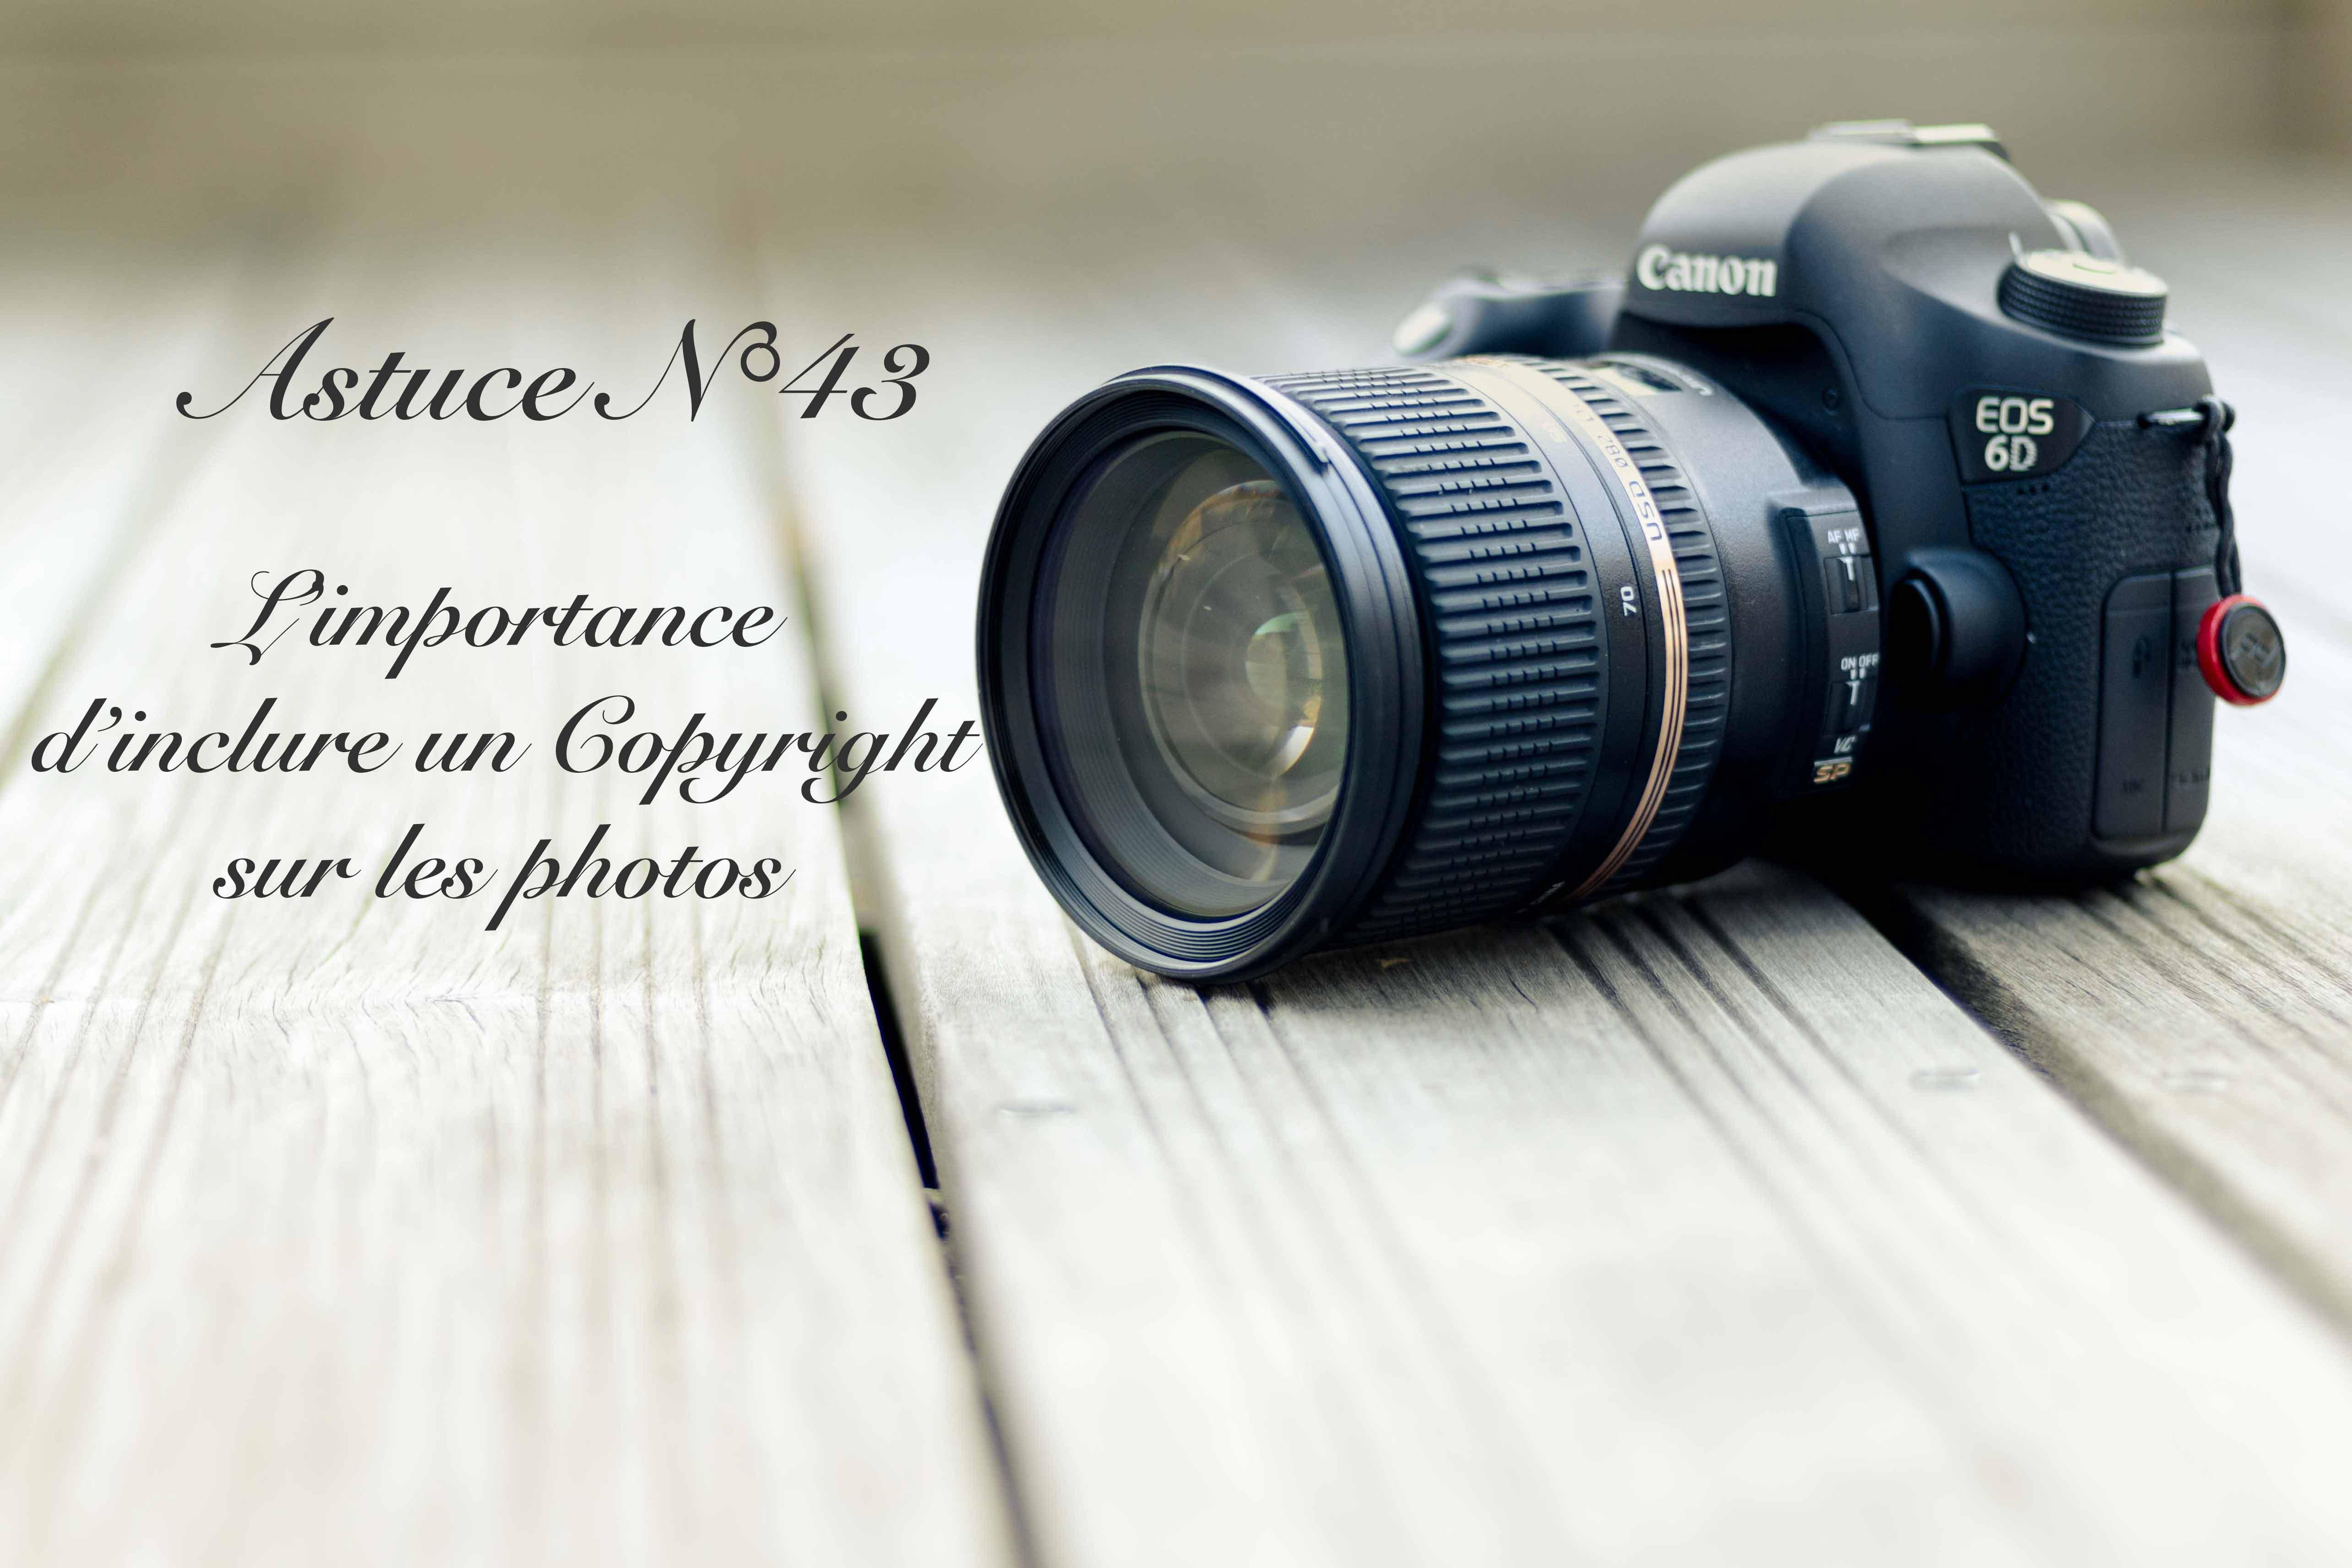 L'importance d'inclure un Copyright sur les photos (43/52)